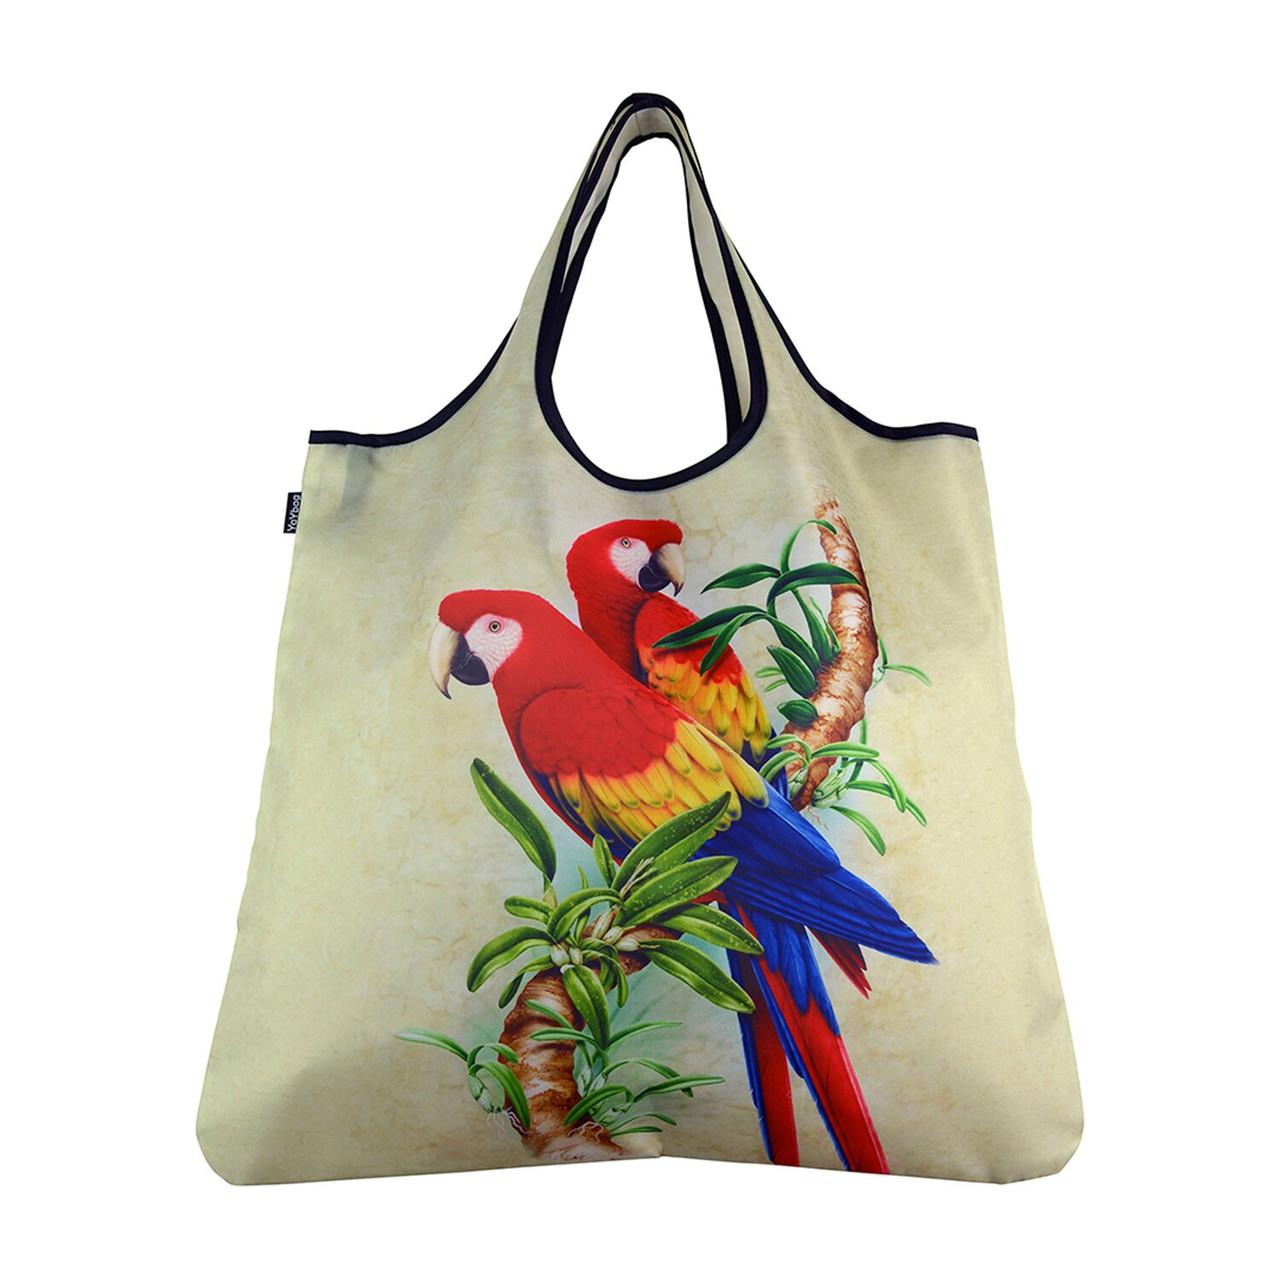 Stylish Washable Reusable Shopping Bag High Quality YaYbag ORIGINAL 4355